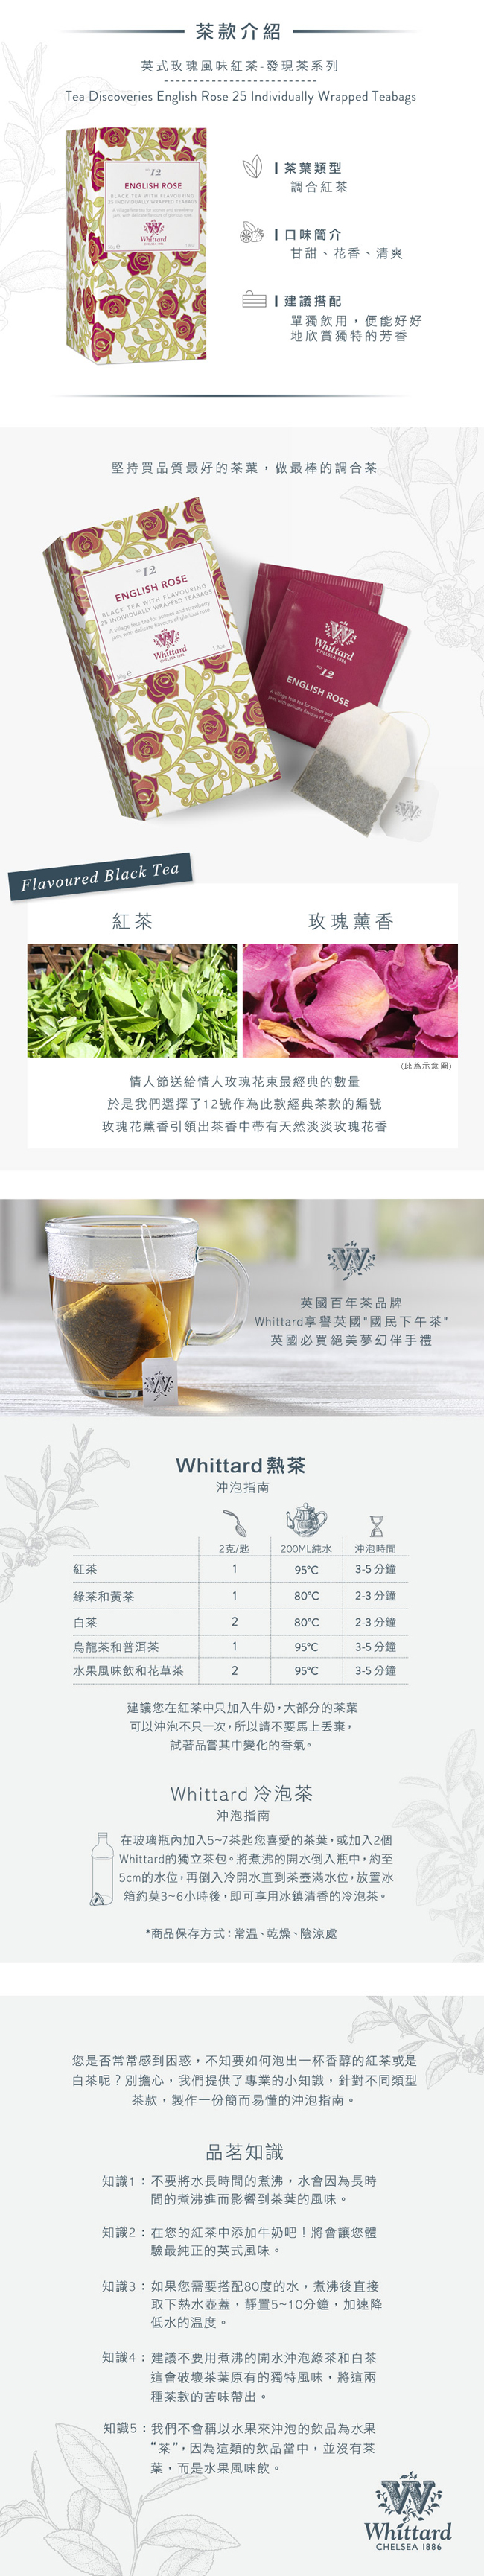 (複製)Whittard|繽紛花園果茶禮盒